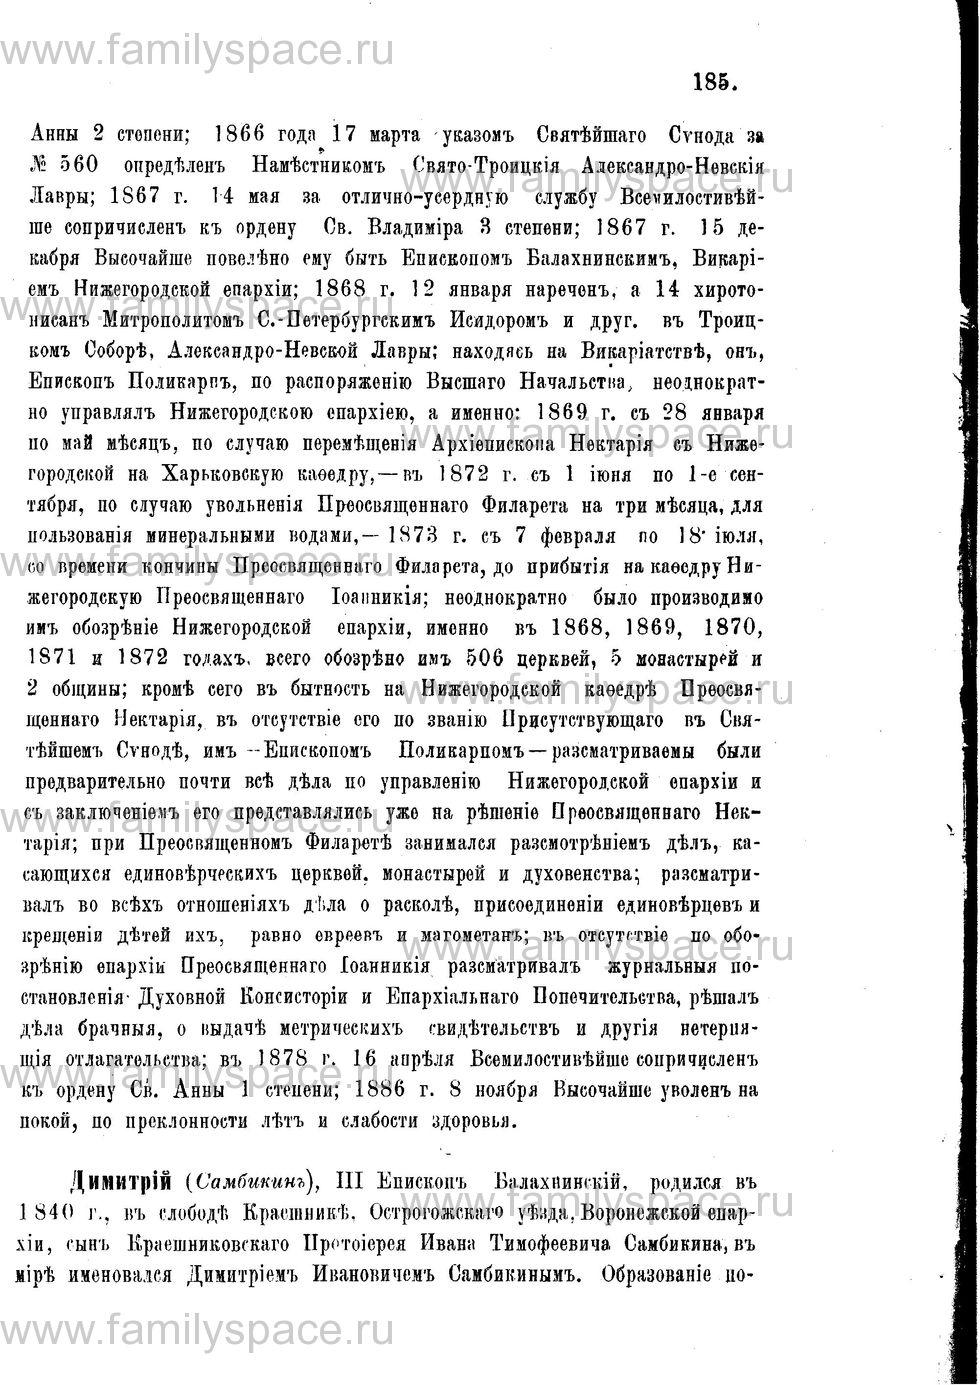 Поиск по фамилии - Адрес-календарь Нижегородской епархии на 1888 год, страница 1185